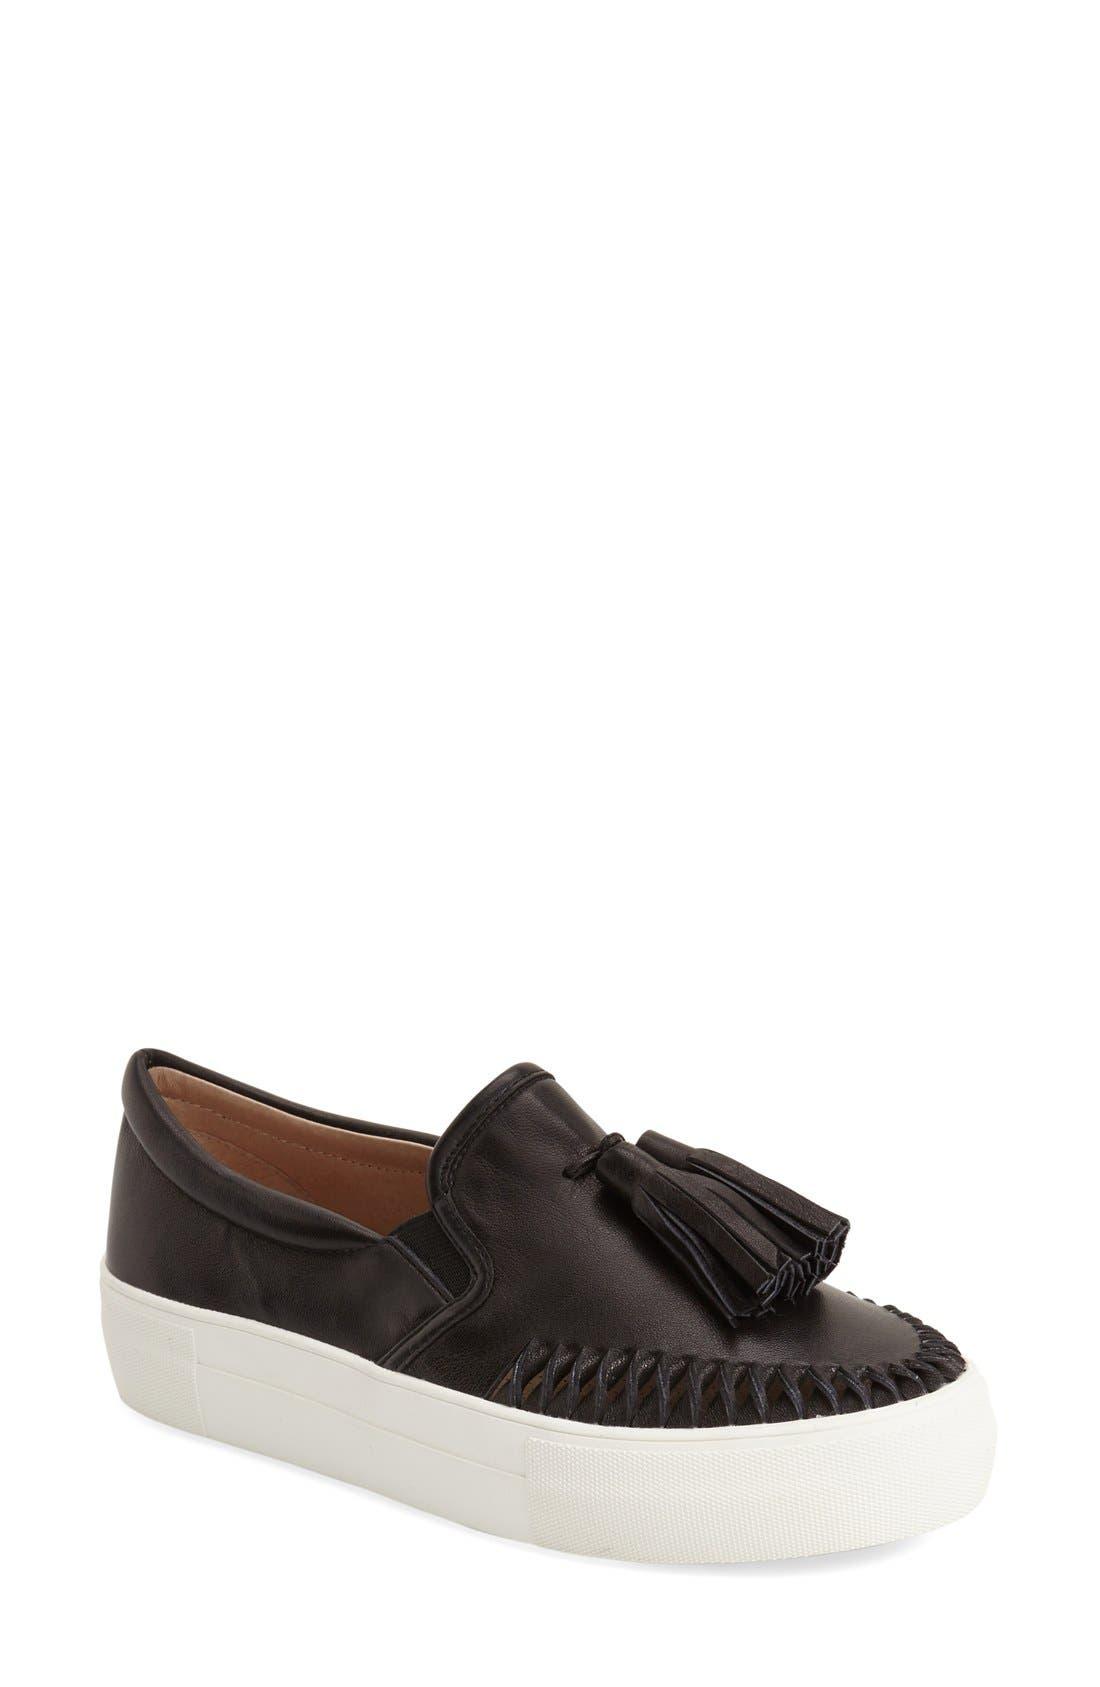 Tassel Slip-On Sneaker,                             Main thumbnail 1, color,                             BLACK LEATHER